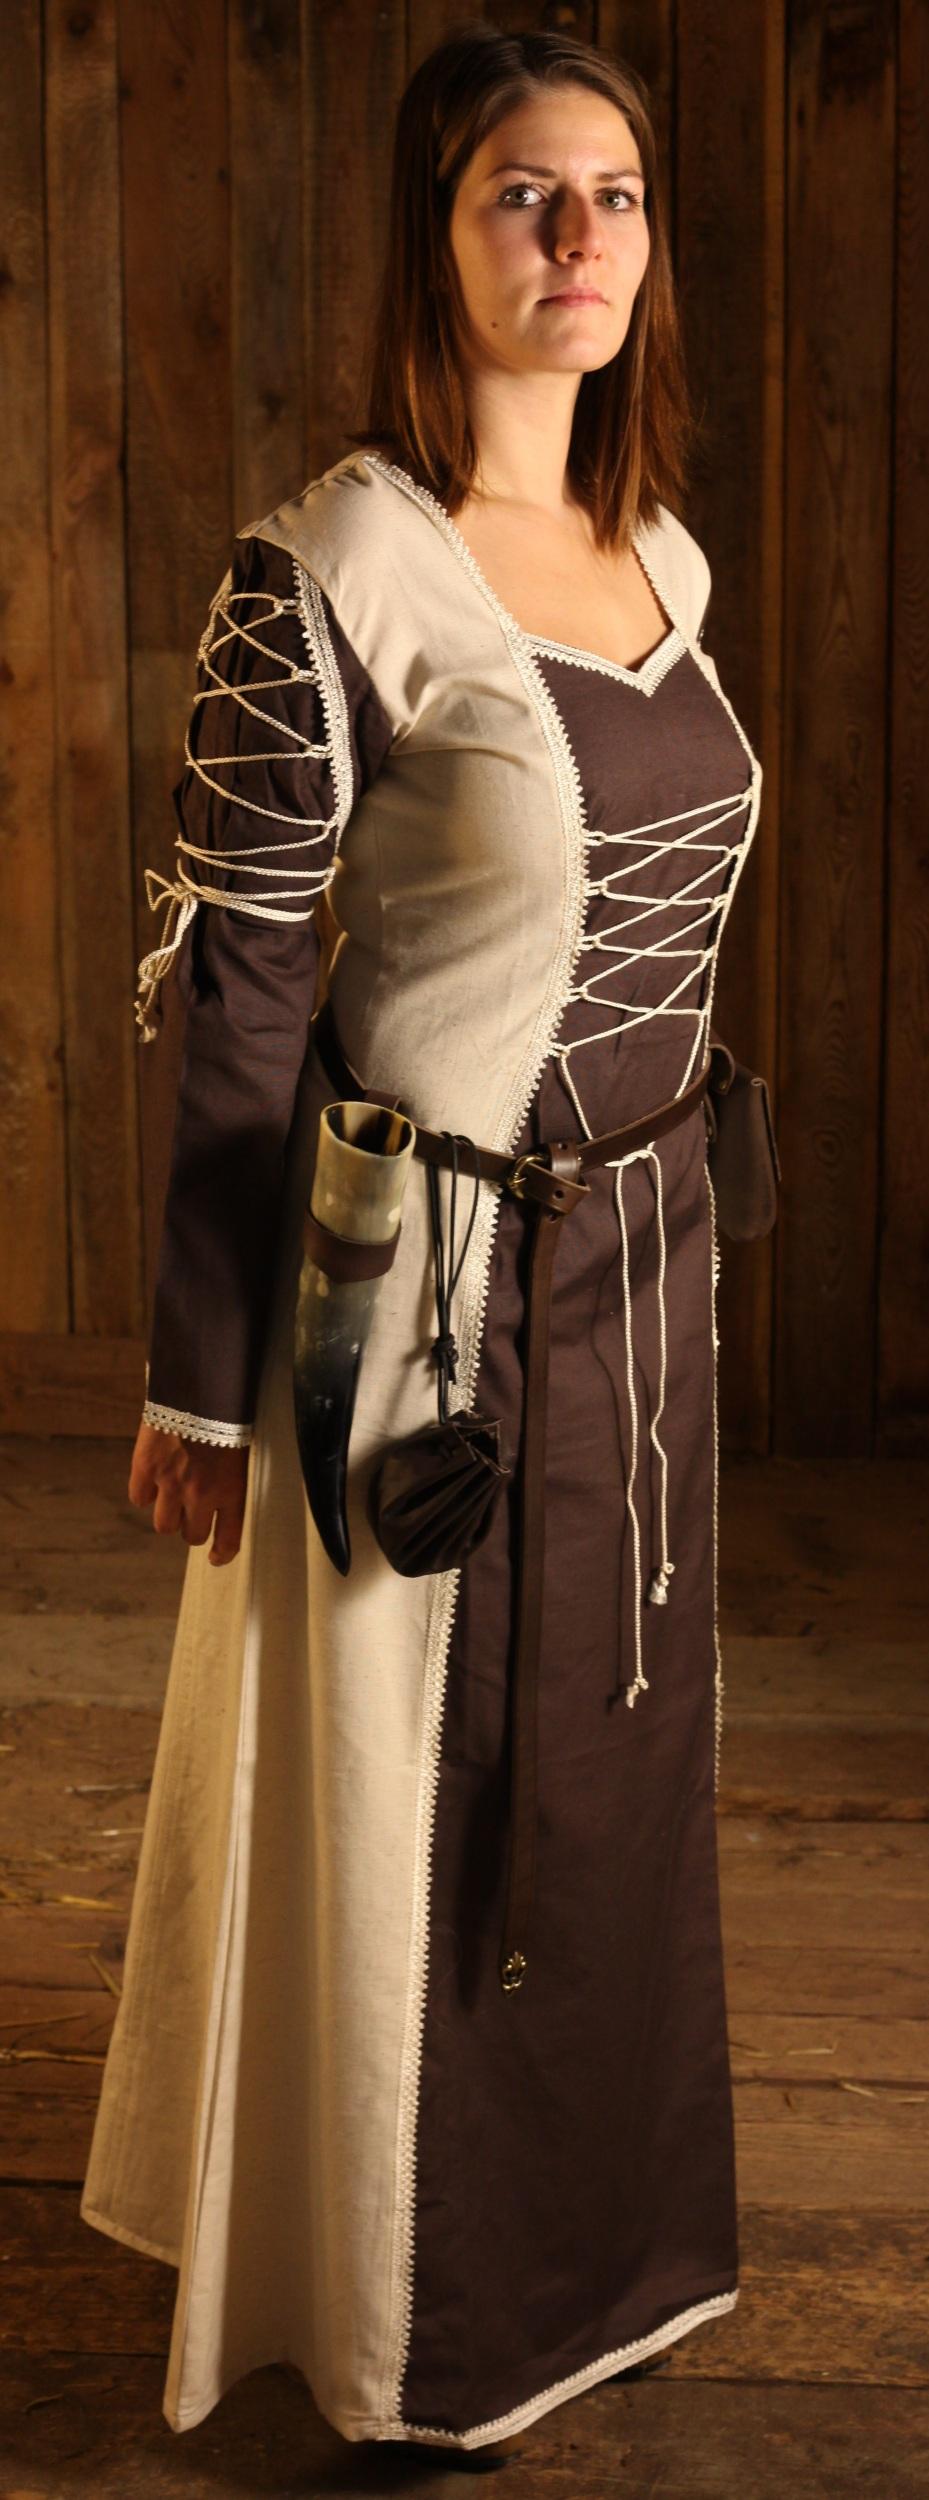 Medeltida klänning med snörning på ärmarna beställ på nätet - larp -fashion.se 8752857489c06